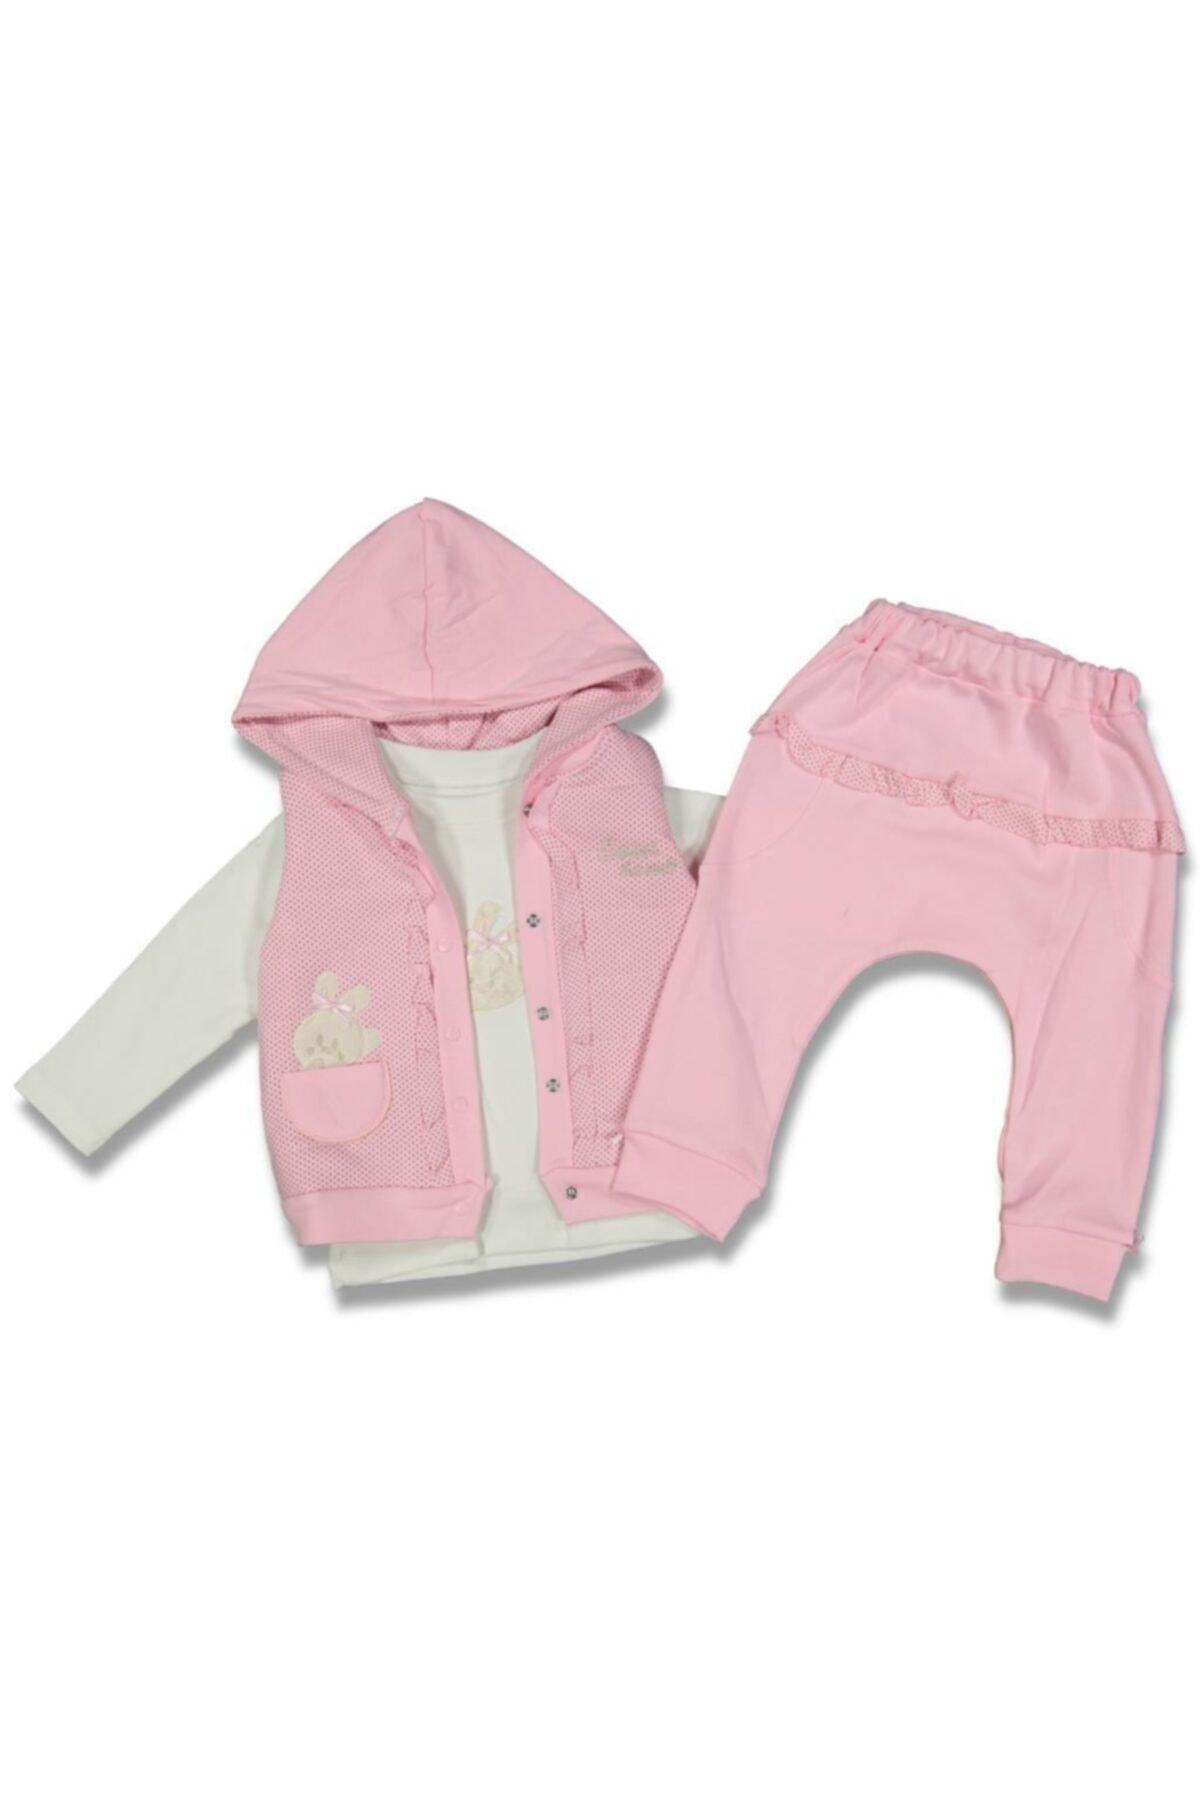 Hazal Baby Kız Bebek Pembe Şişme Yelekli 3'lü Takım 1